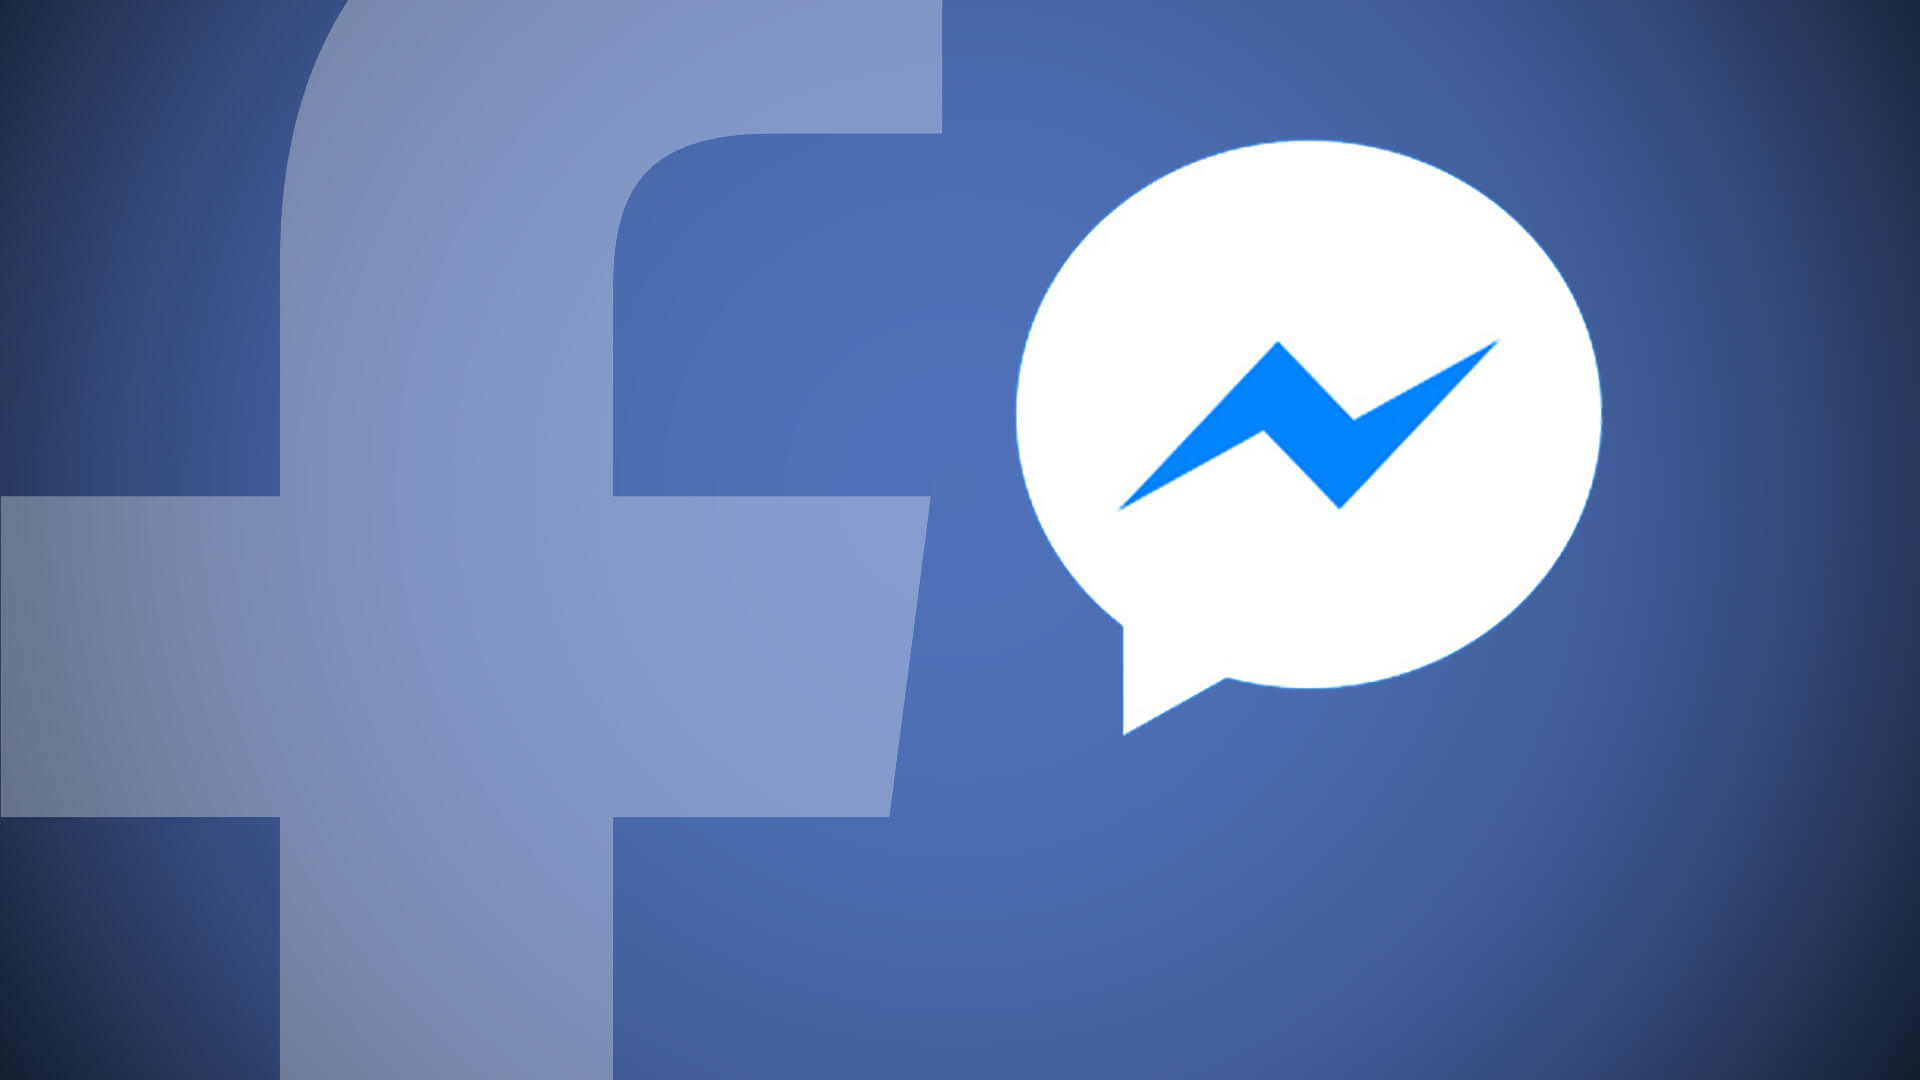 Facebook revisa los textos y las imágenes que se envían por Messenger, reconoció la compañía, en medio de la preocupación por sus políticas de privacidad